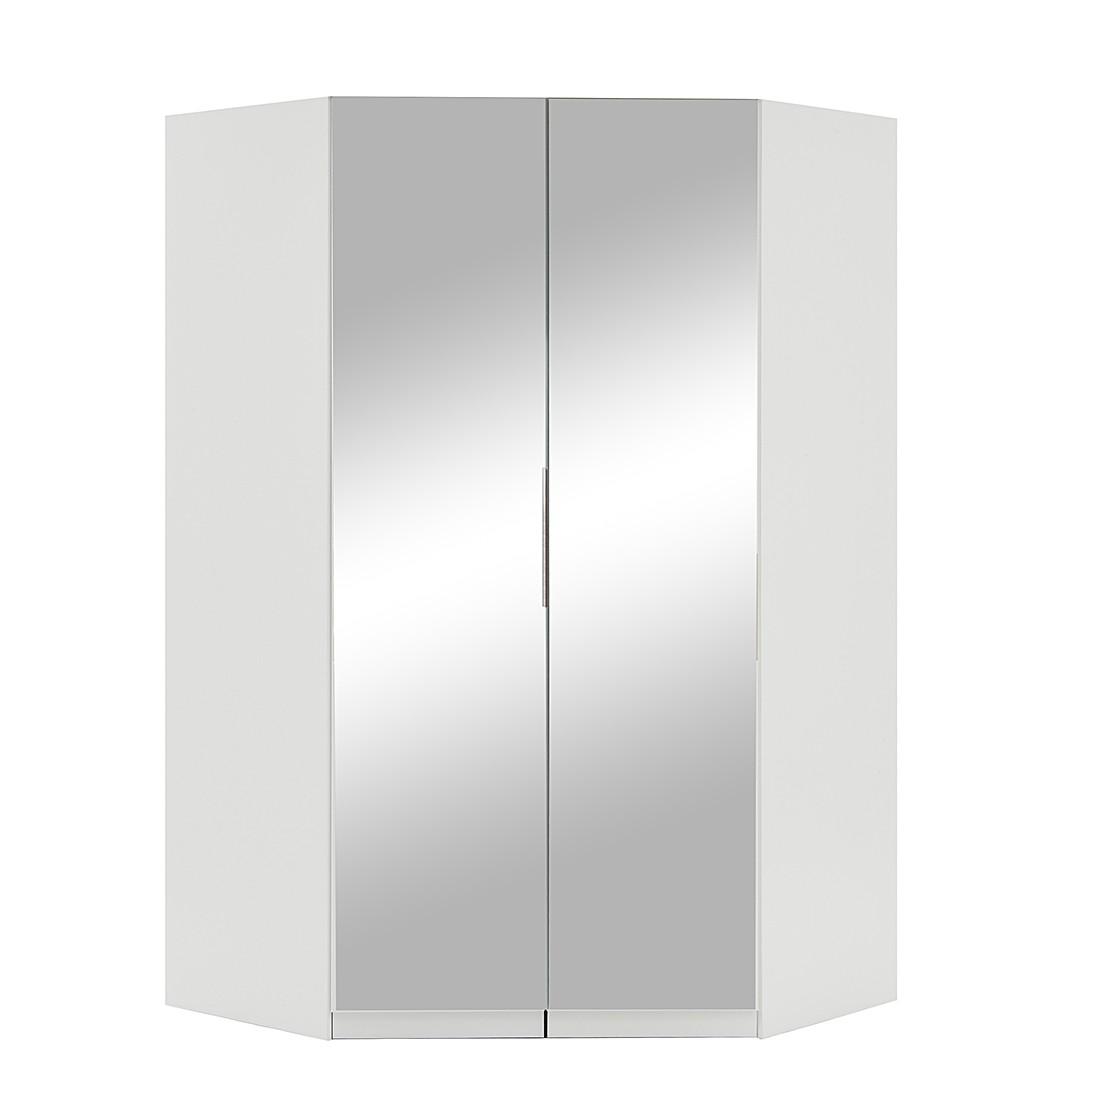 Eckkleiderschrank mit spiegel  Eckschrank Add on C (mit Spiegel) - Alpinweiß (mit Spiegel ...